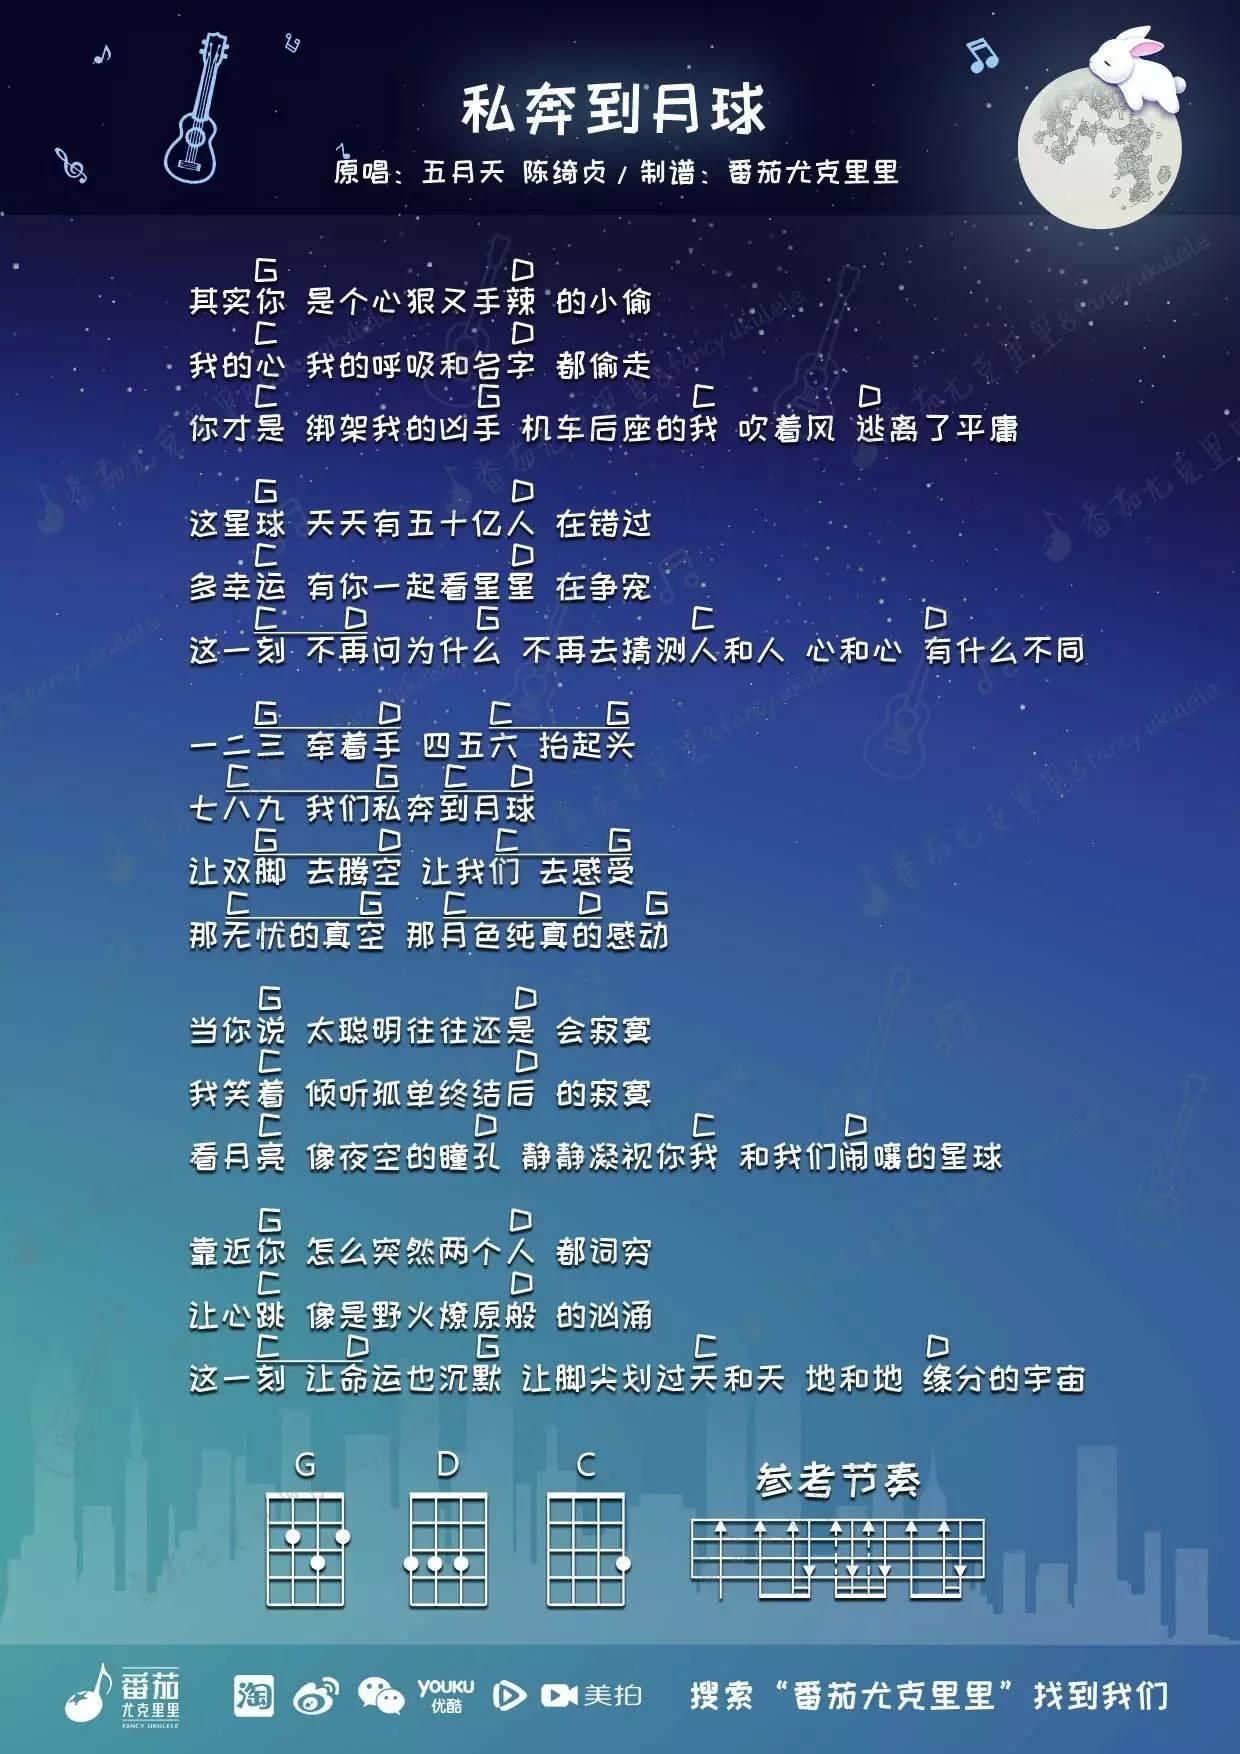 私奔到月球 - 陈绮贞&阿信 尤克里里谱